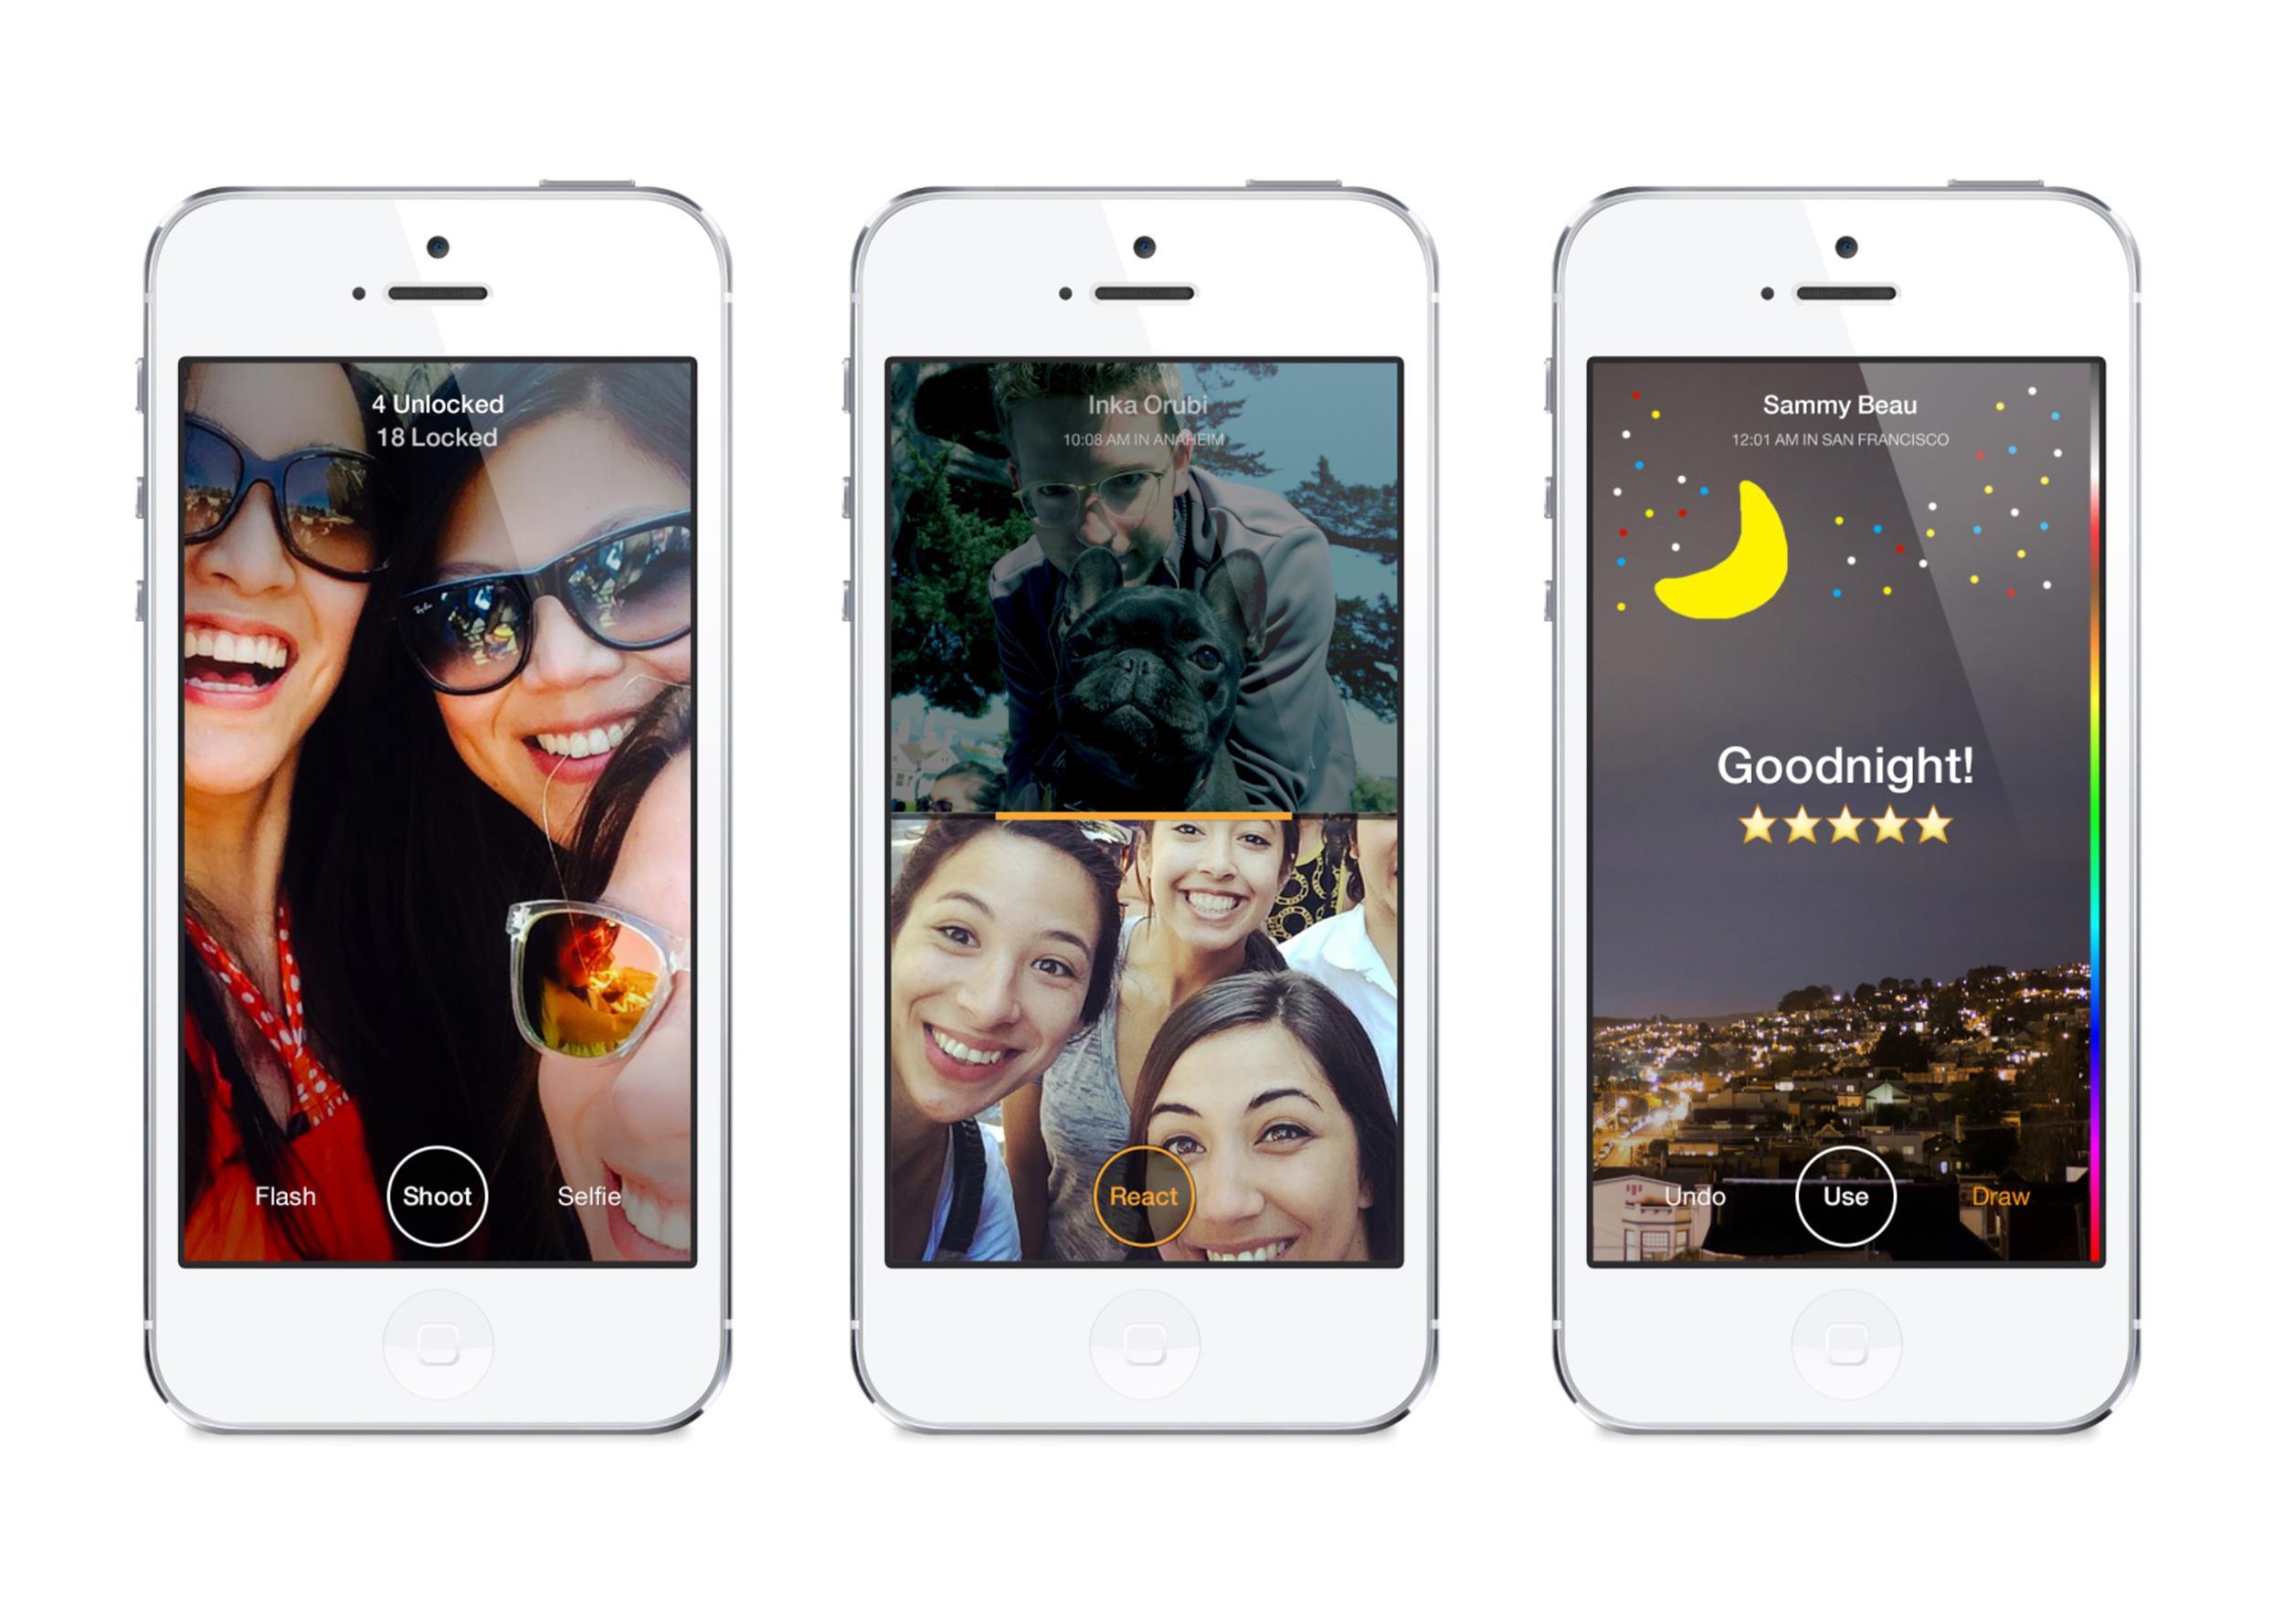 Image: Facebook's new Slingshot app.